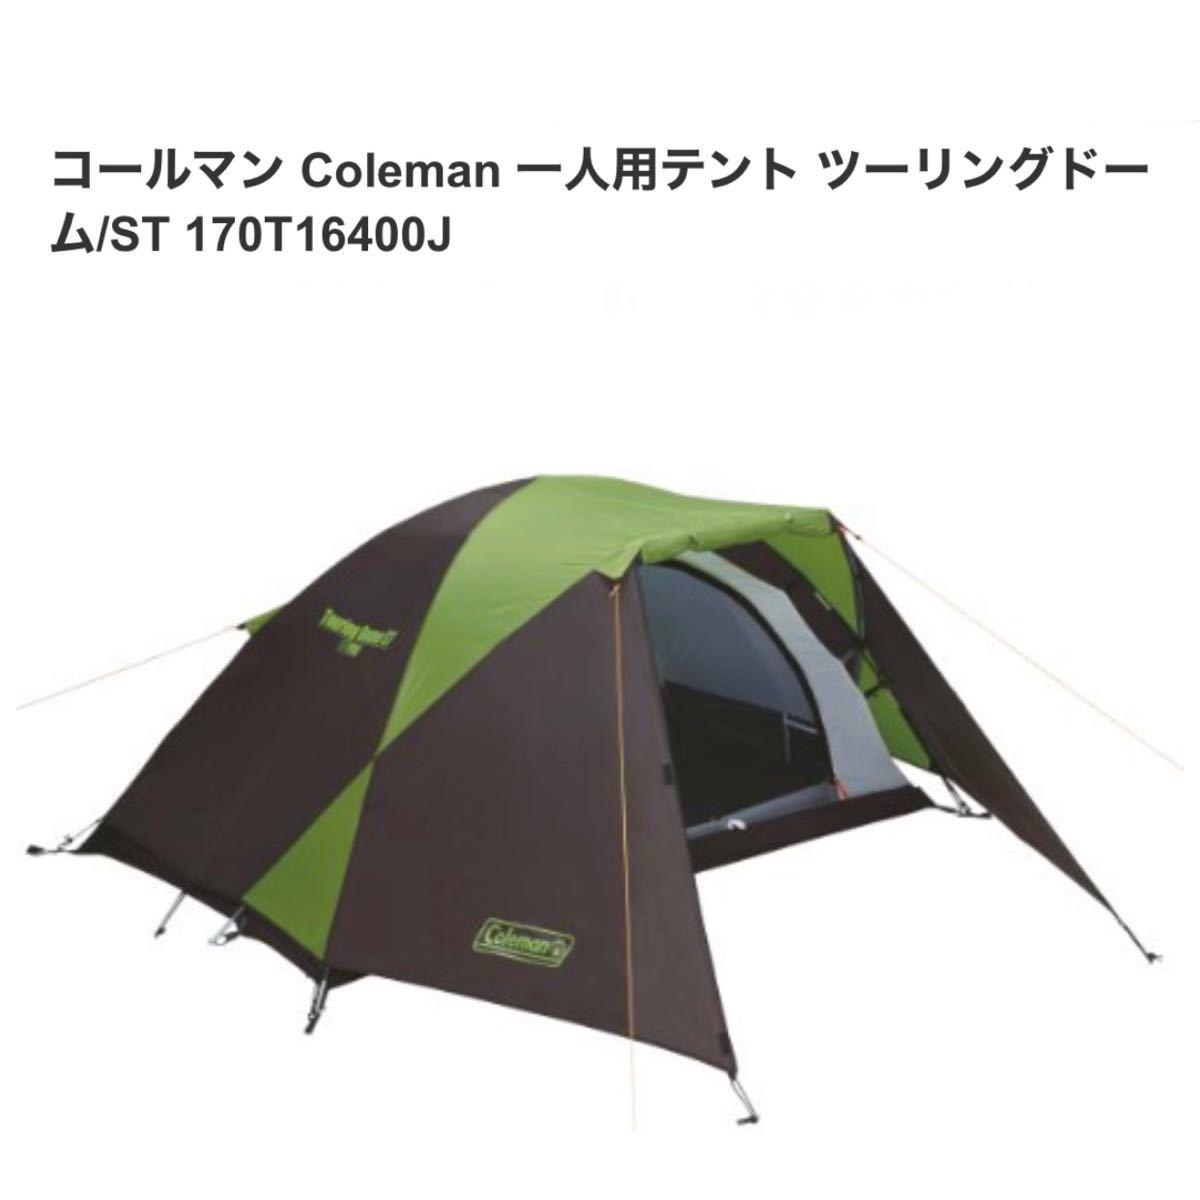 コールマン Coleman 一人用テント ツーリングドーム/ST